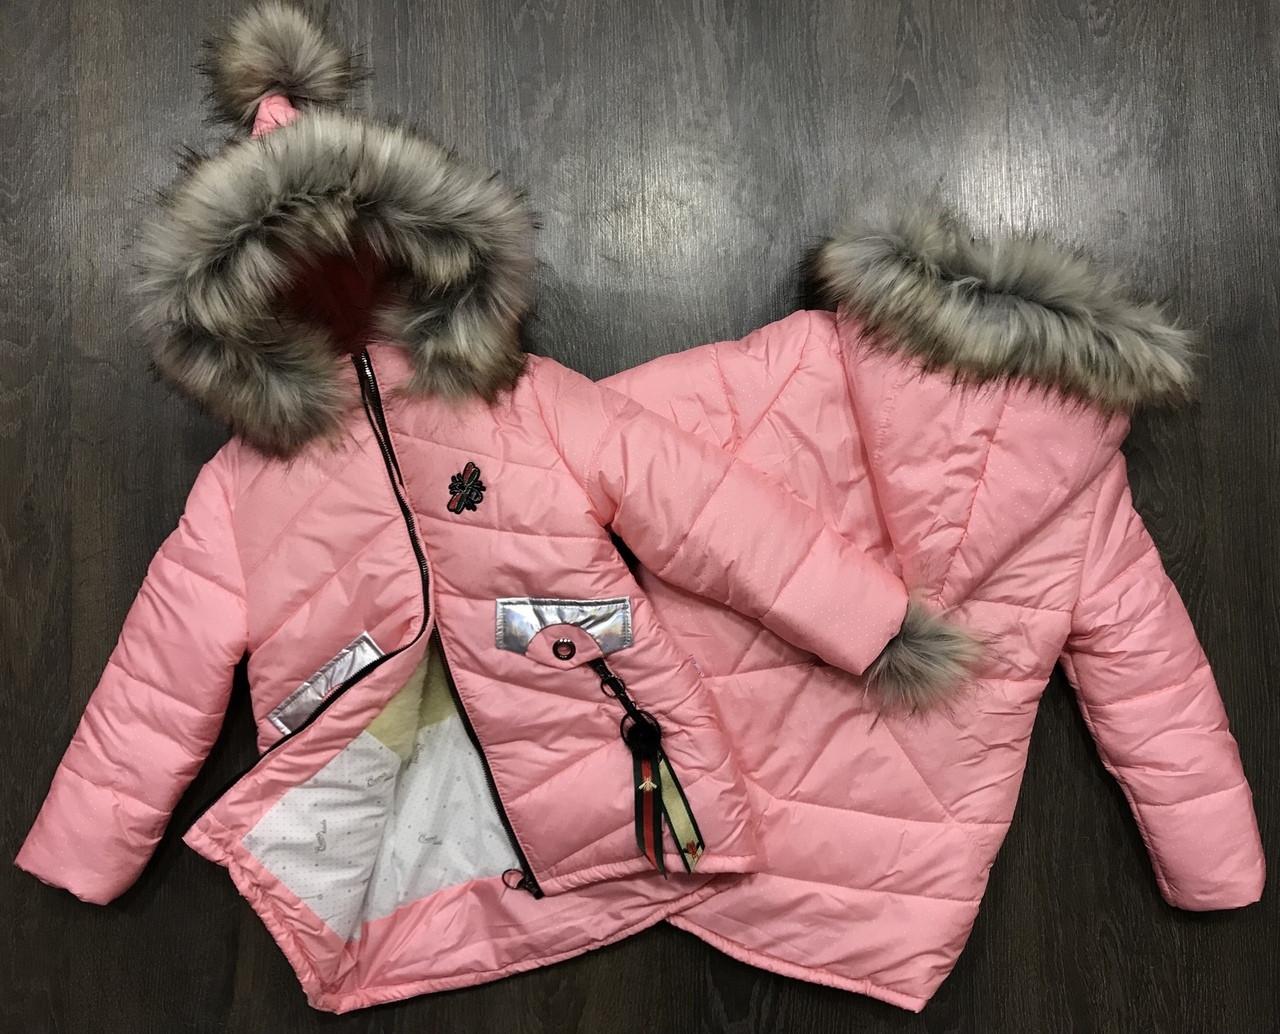 Стильная зимняя курточка-парка с капюшоном-колпаком